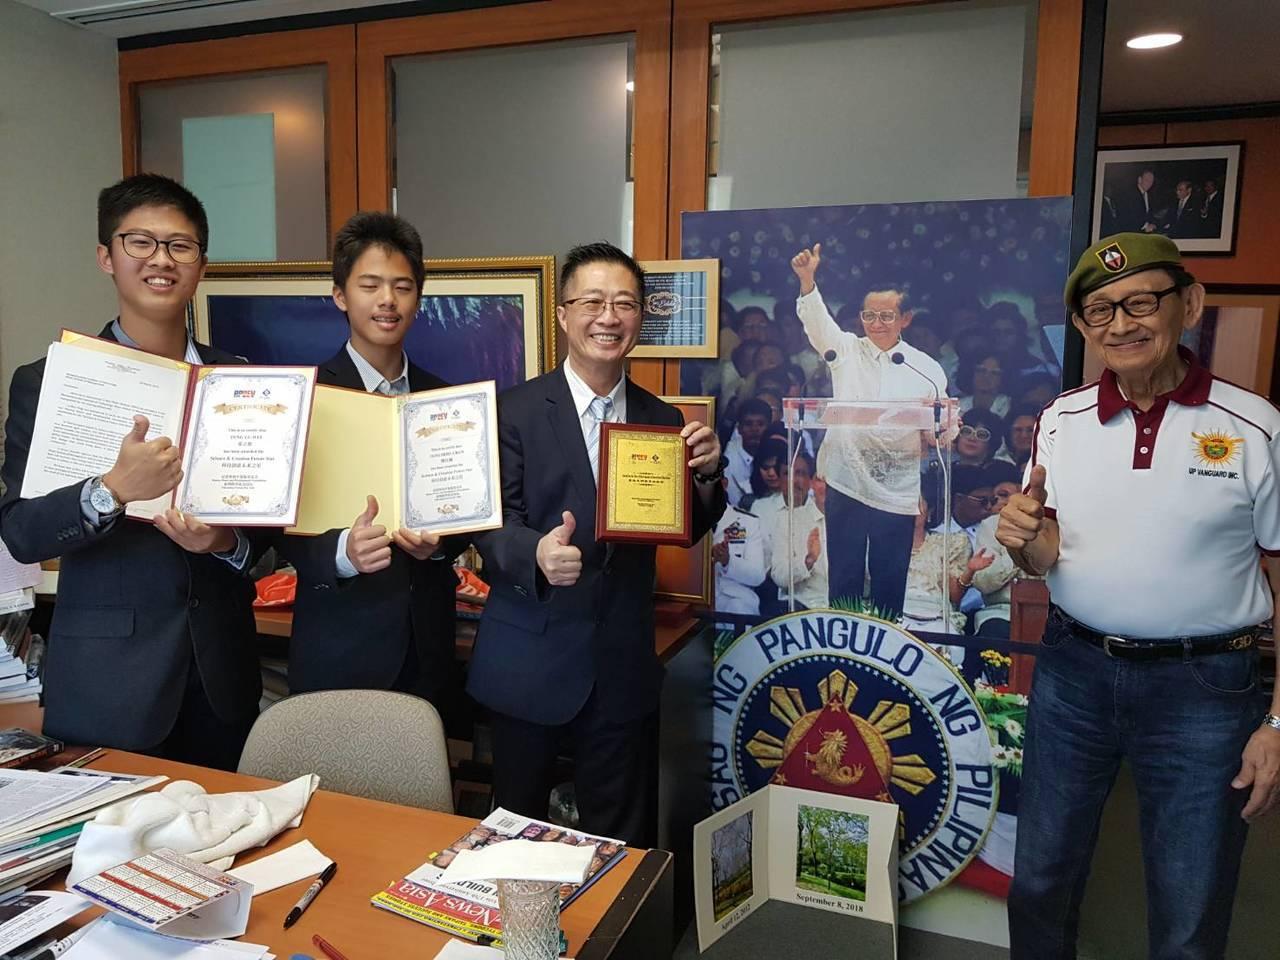 發明老師鄧鴻吉和兩個兒子鄧立維、鄧仕展昨獲菲律賓前總統羅慕斯(右)頒給「最佳發明...